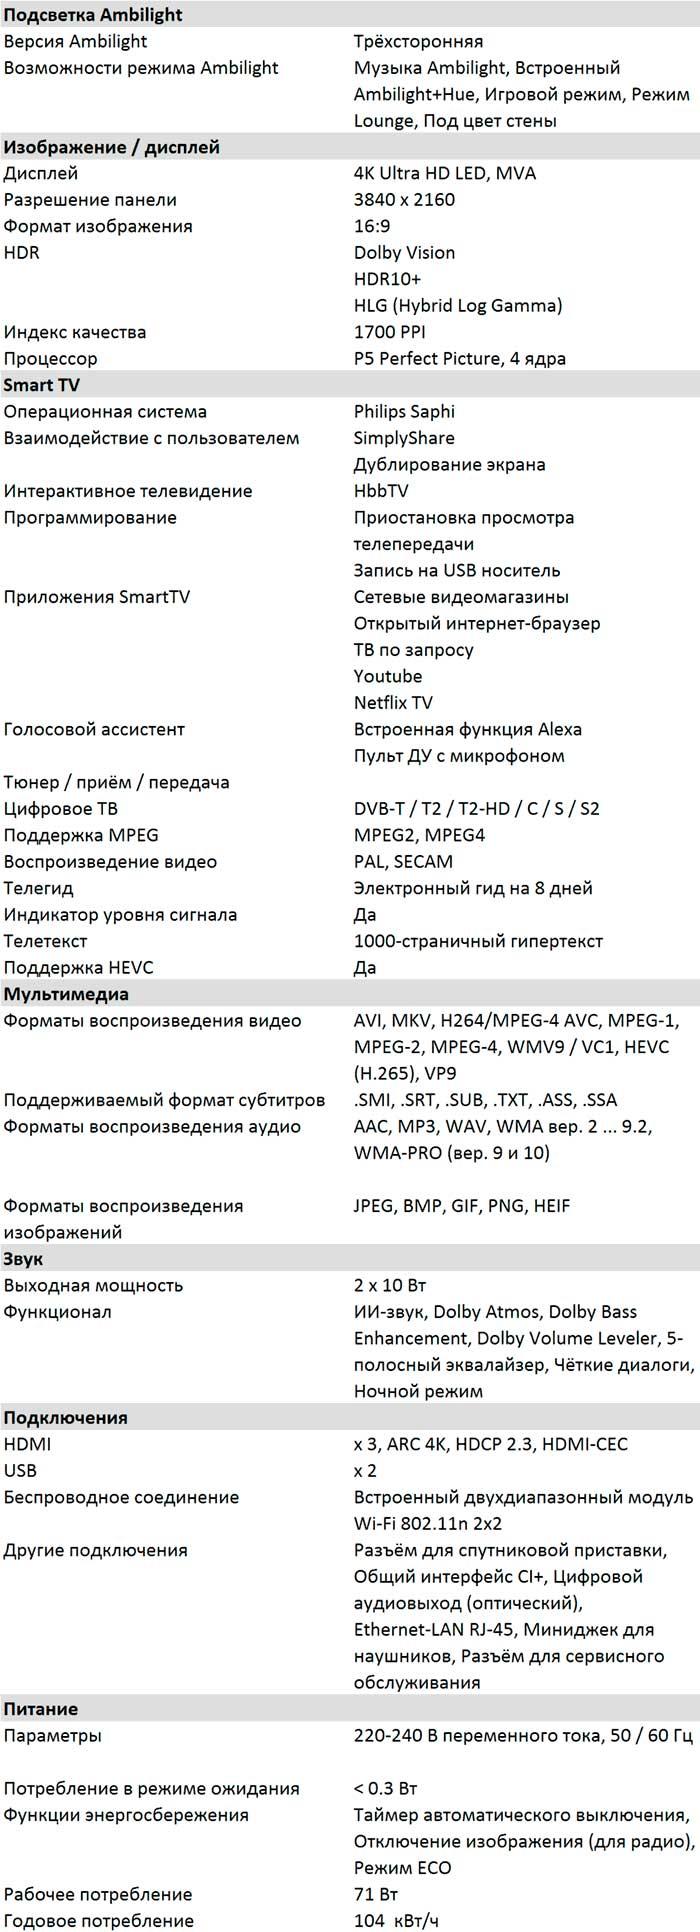 Характеристики PUS7855